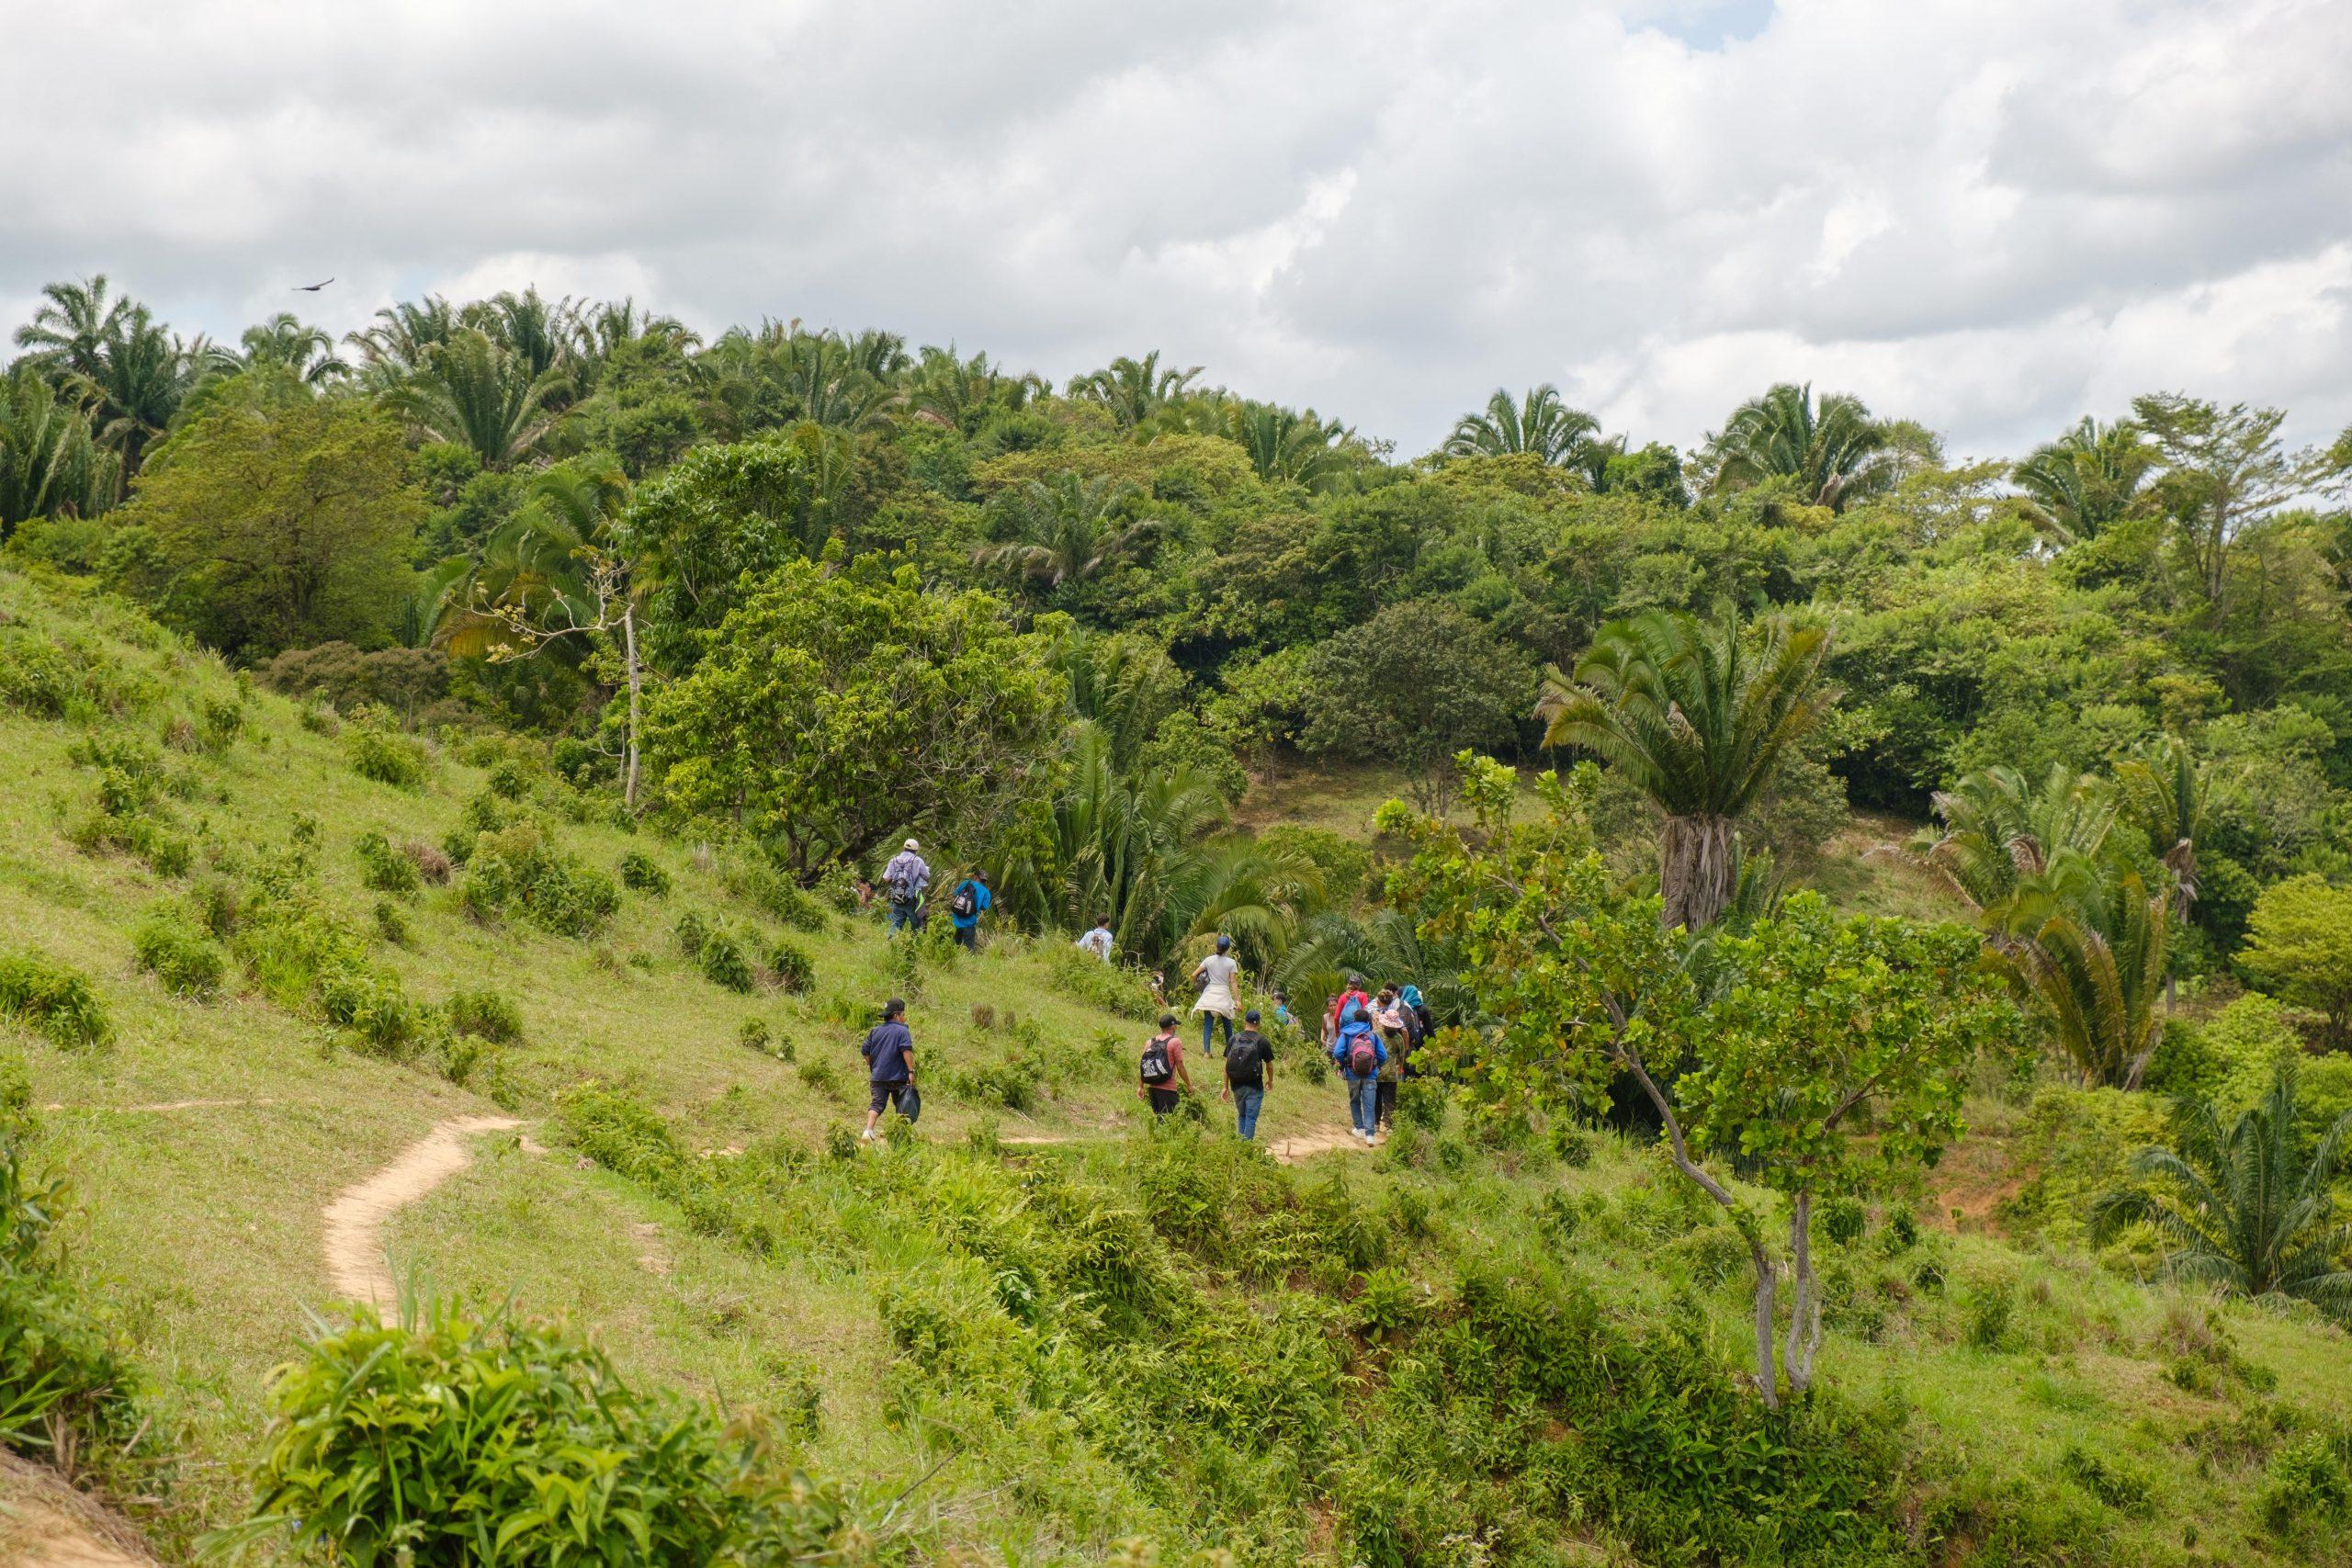 Migrantes hondureños avanzan en medio de montañas en un punto ciego para evitar los controles migratorios en la aduana de Corinto, Frontera con Guatemala.